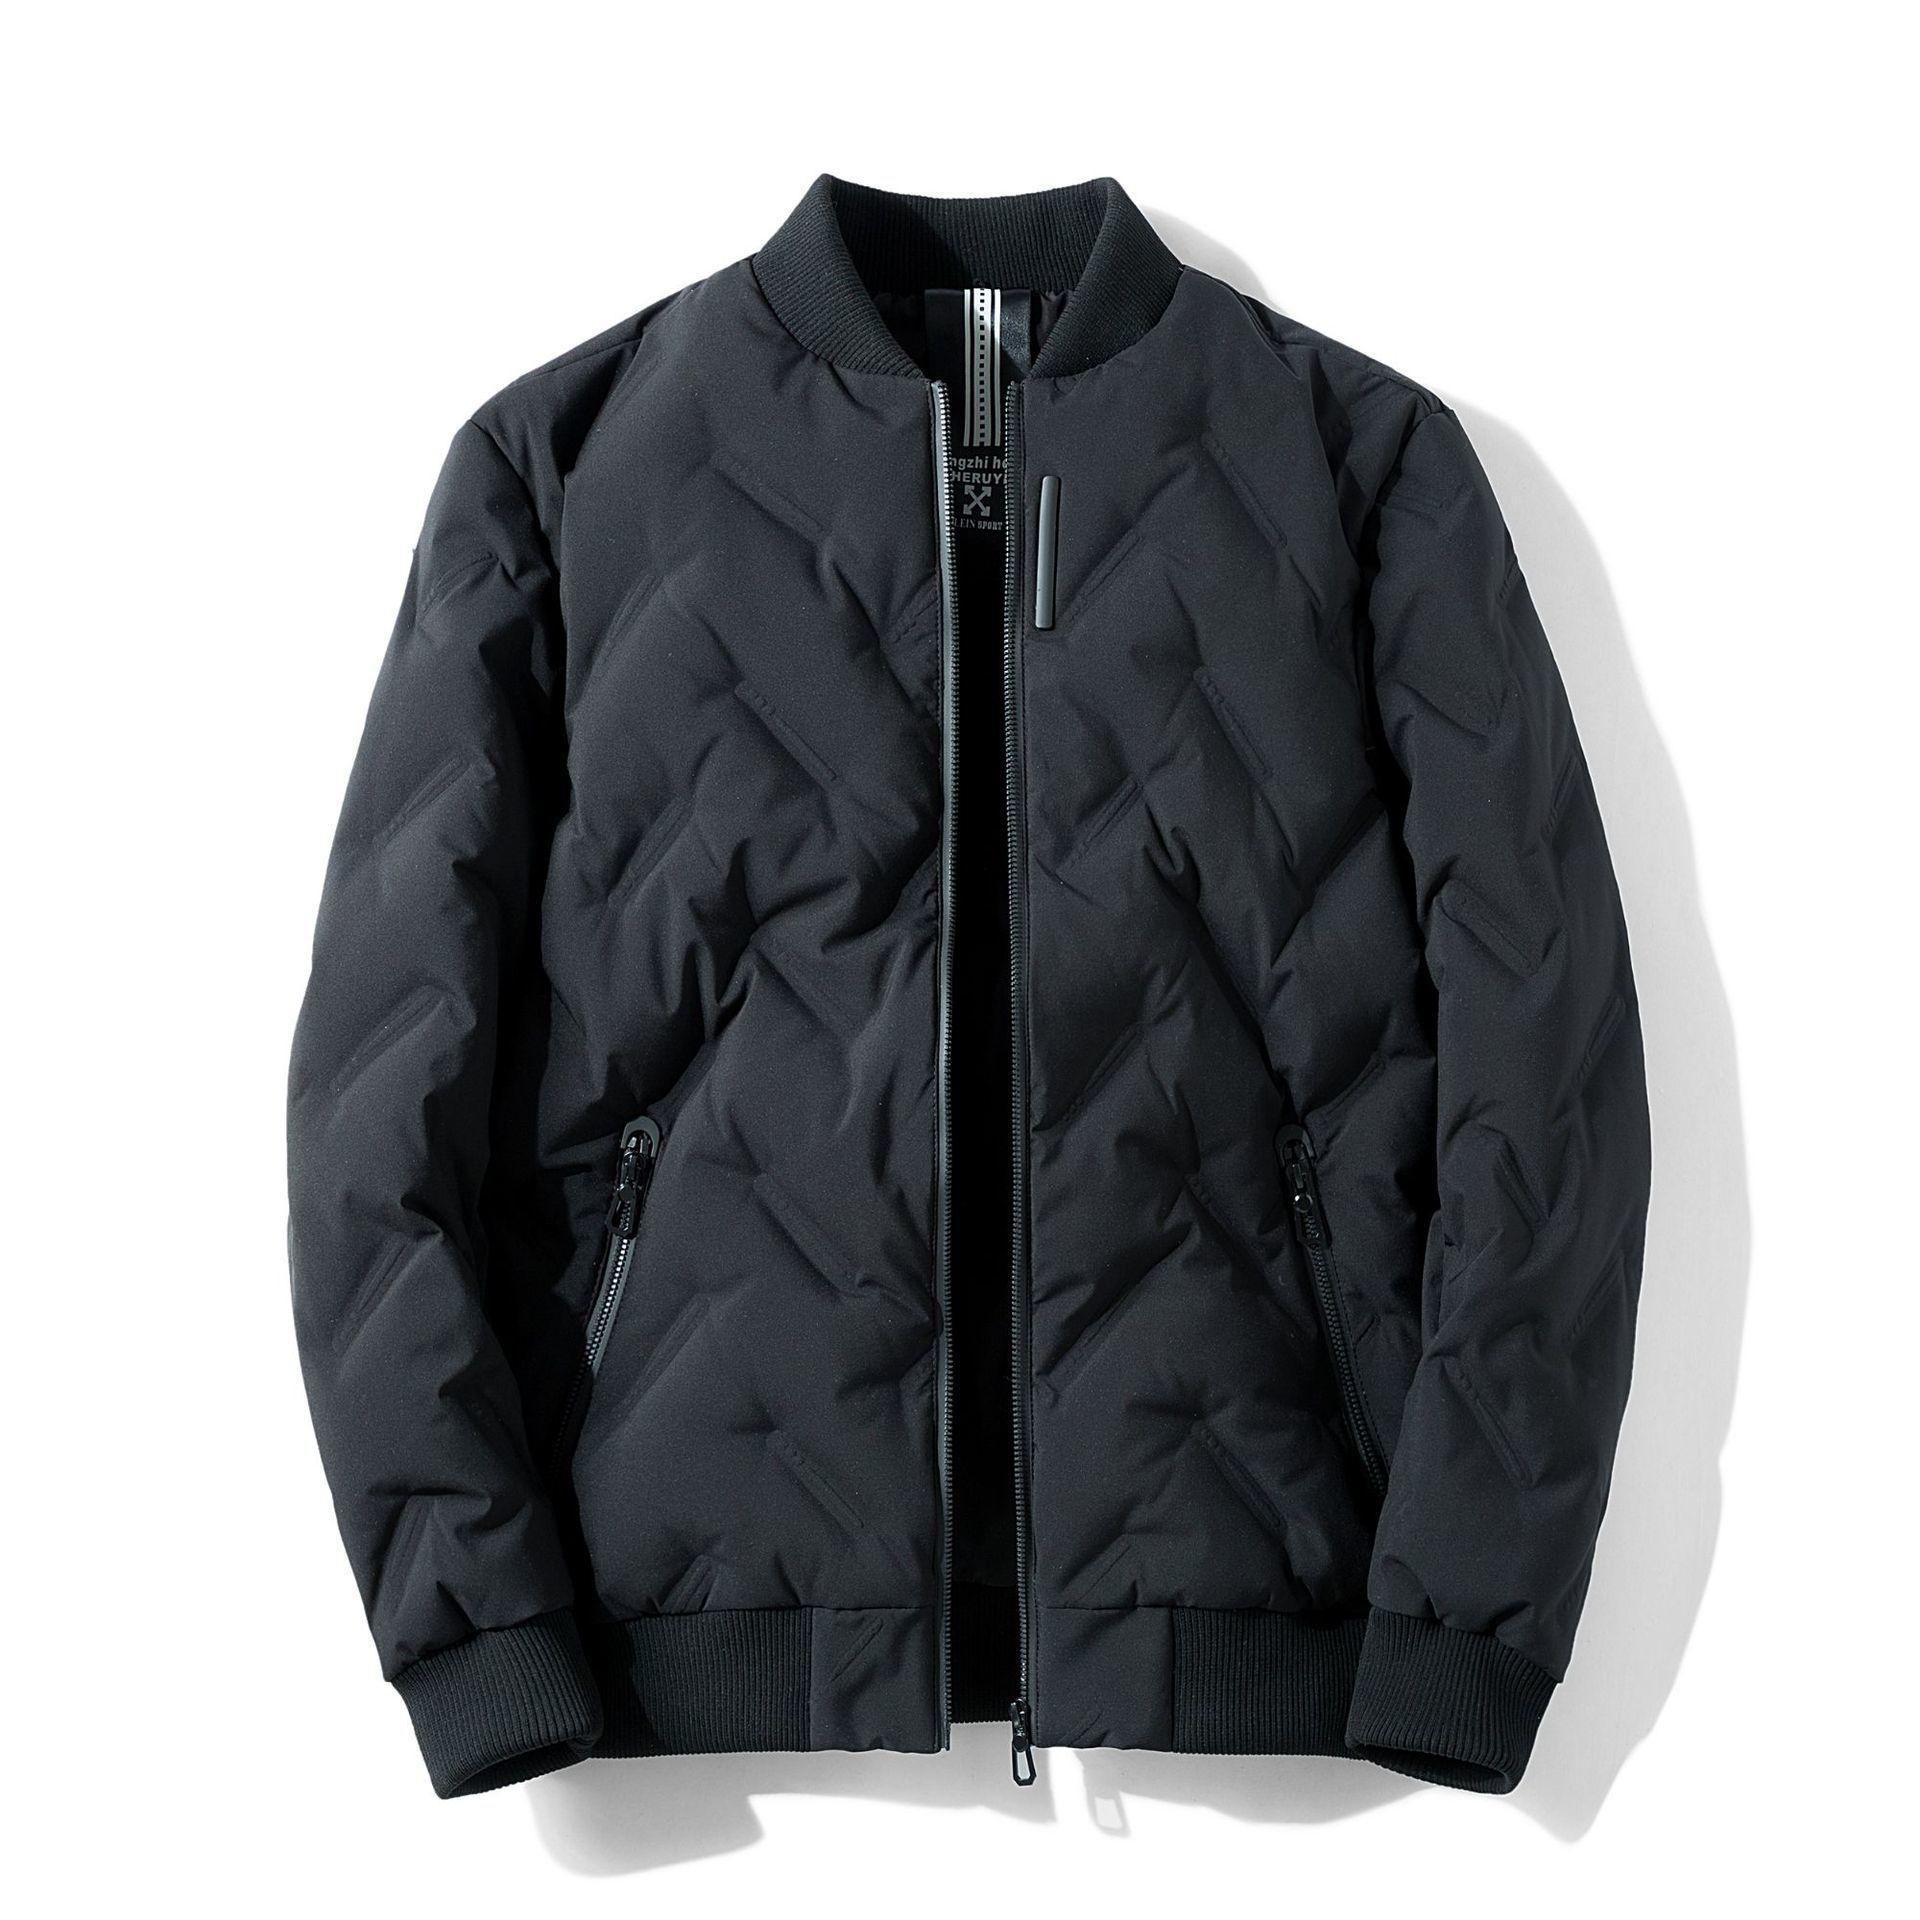 2021 Le nouveau nouveau manteau d'hiver léger vers le bas mâle longueur moyenne 09PV